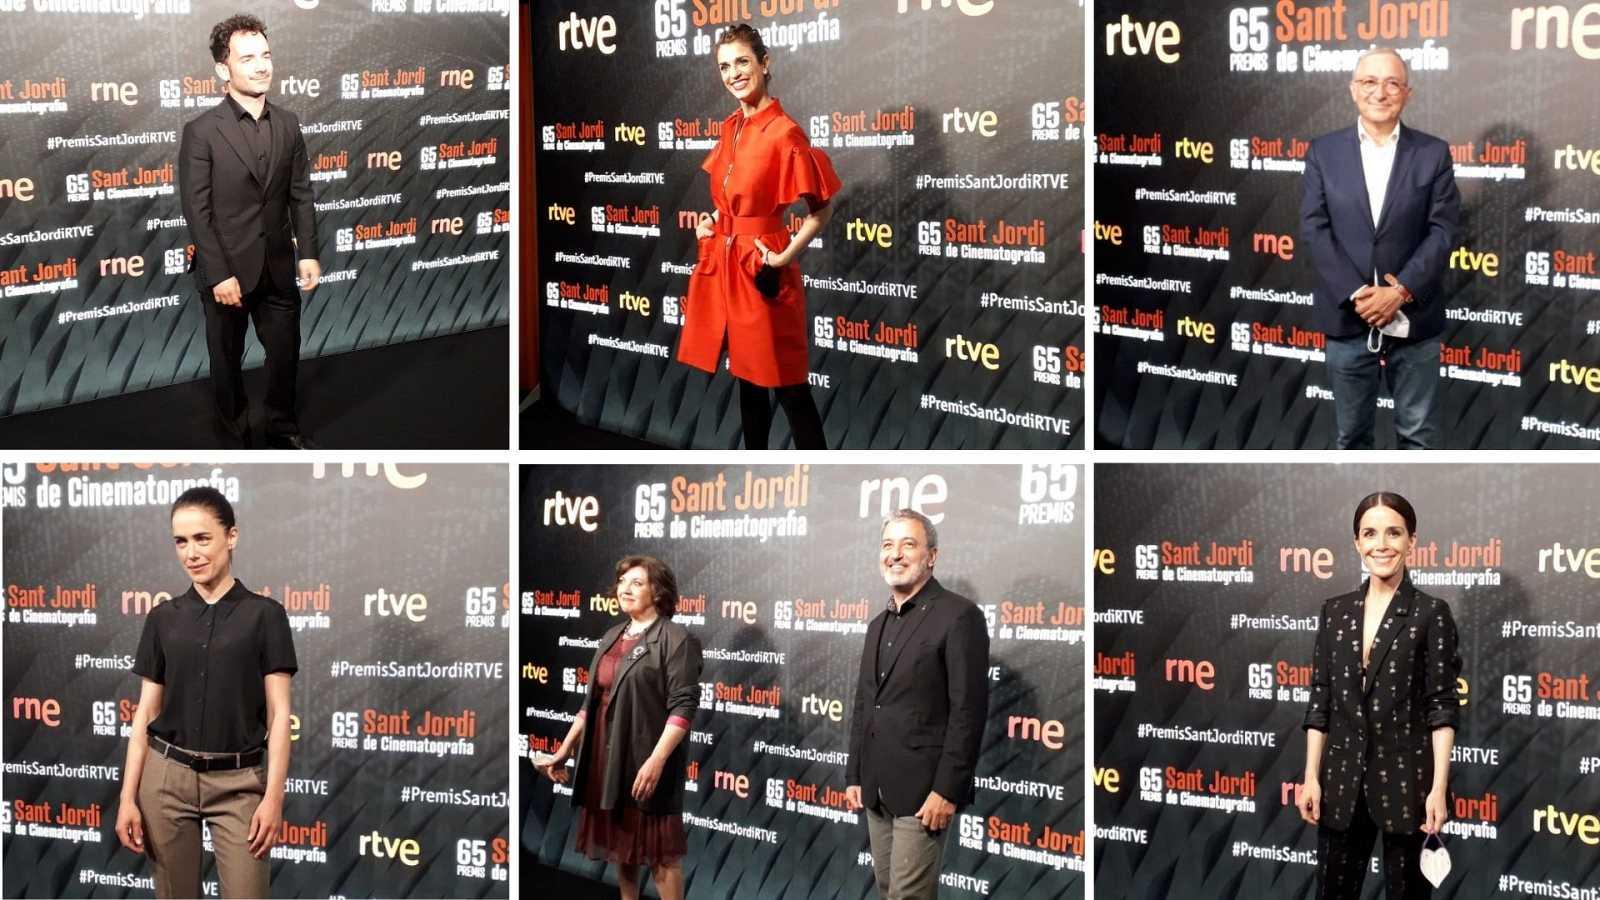 24 horas - Los premios Sant Jordi se entregan en los Cines Verdi de Barcelona - Escuchar ahora